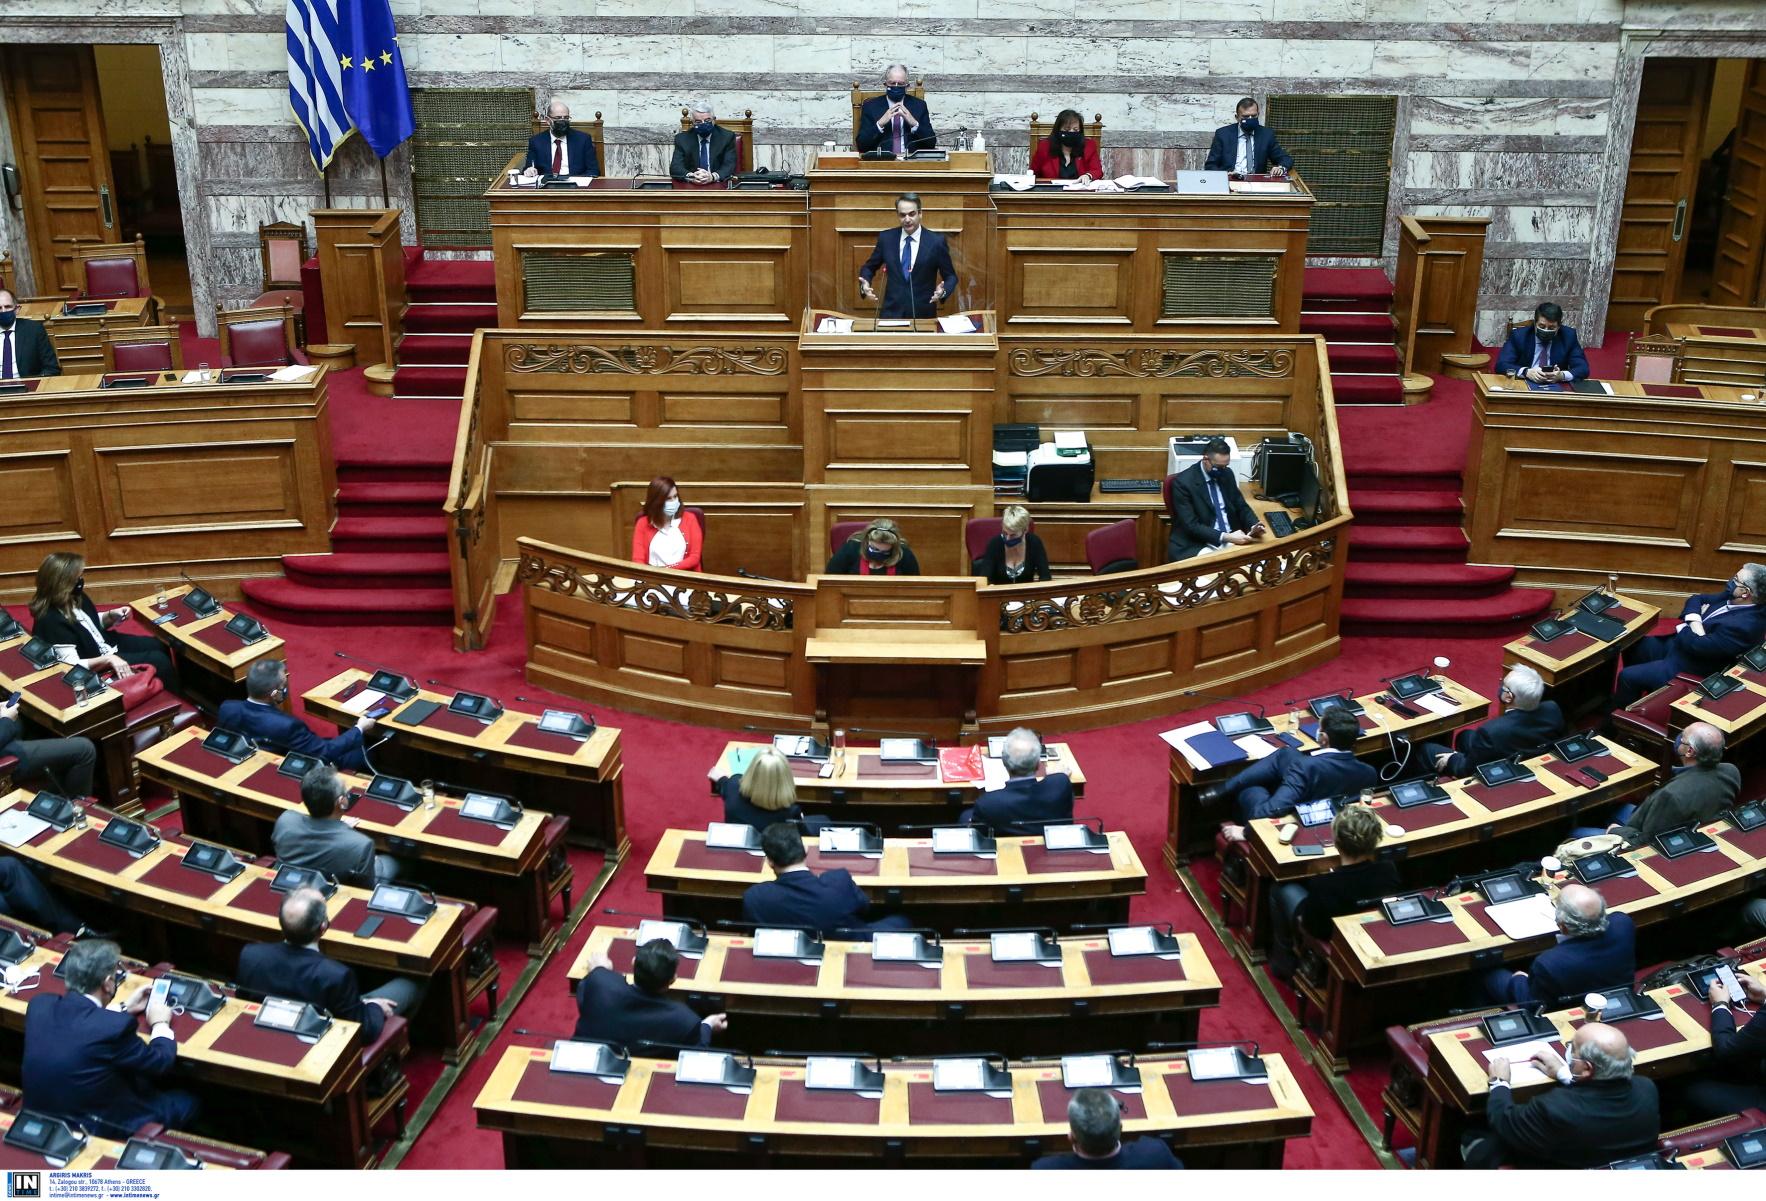 Κορονοϊός – Βουλή: Μόνο 10 βουλευτές δεν έχουν εμβολιαστεί